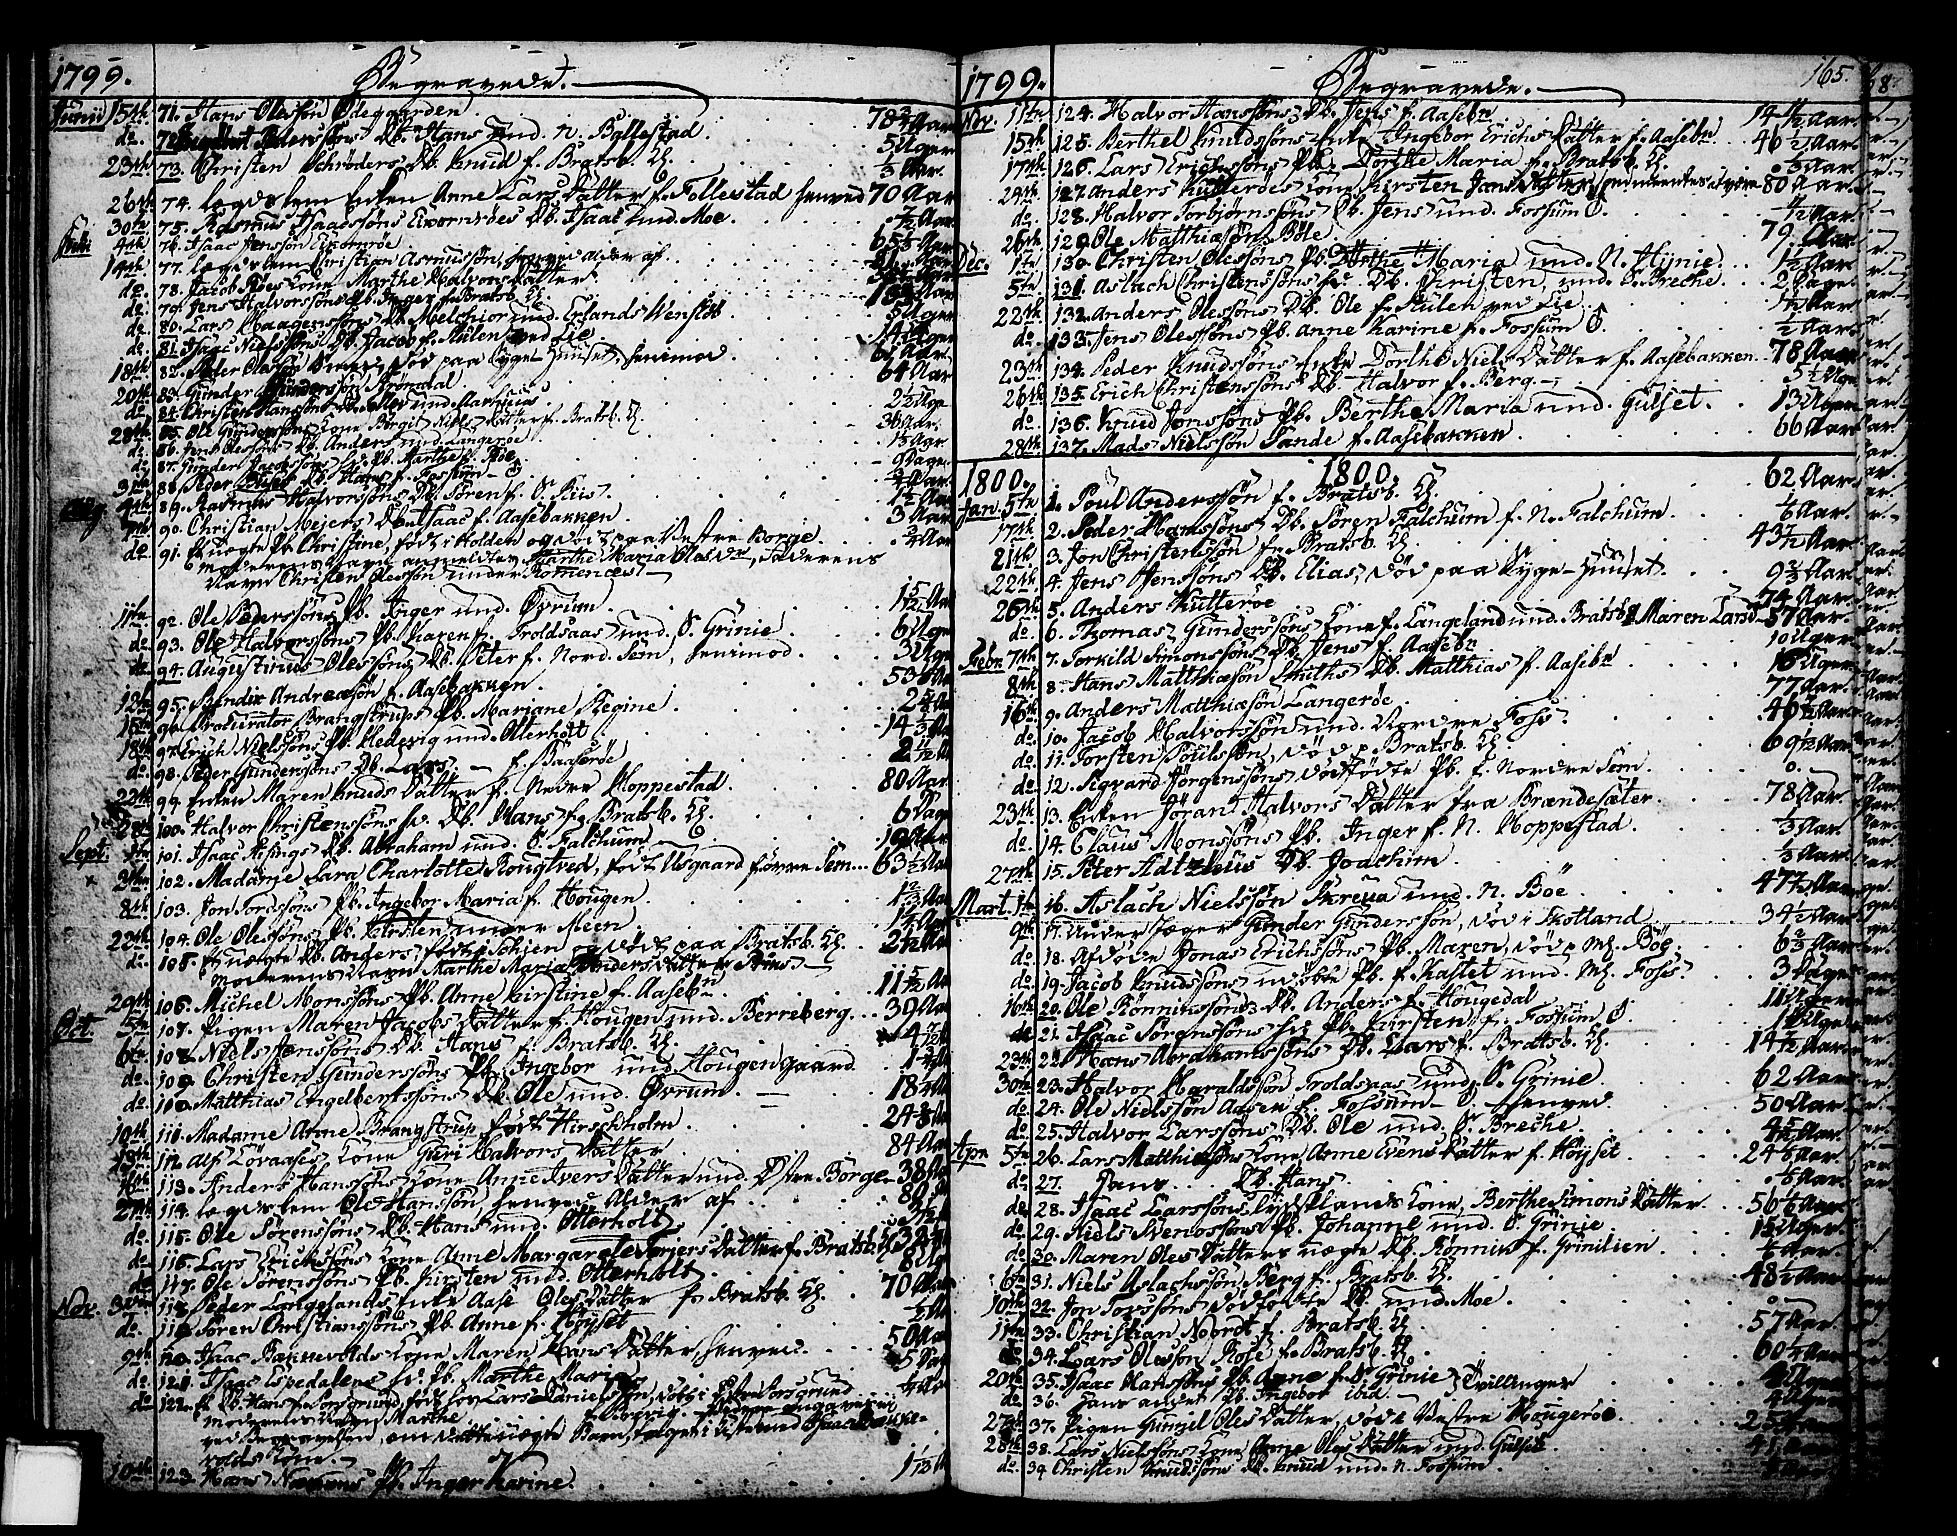 SAKO, Gjerpen kirkebøker, F/Fa/L0003: Ministerialbok nr. 3, 1796-1814, s. 165